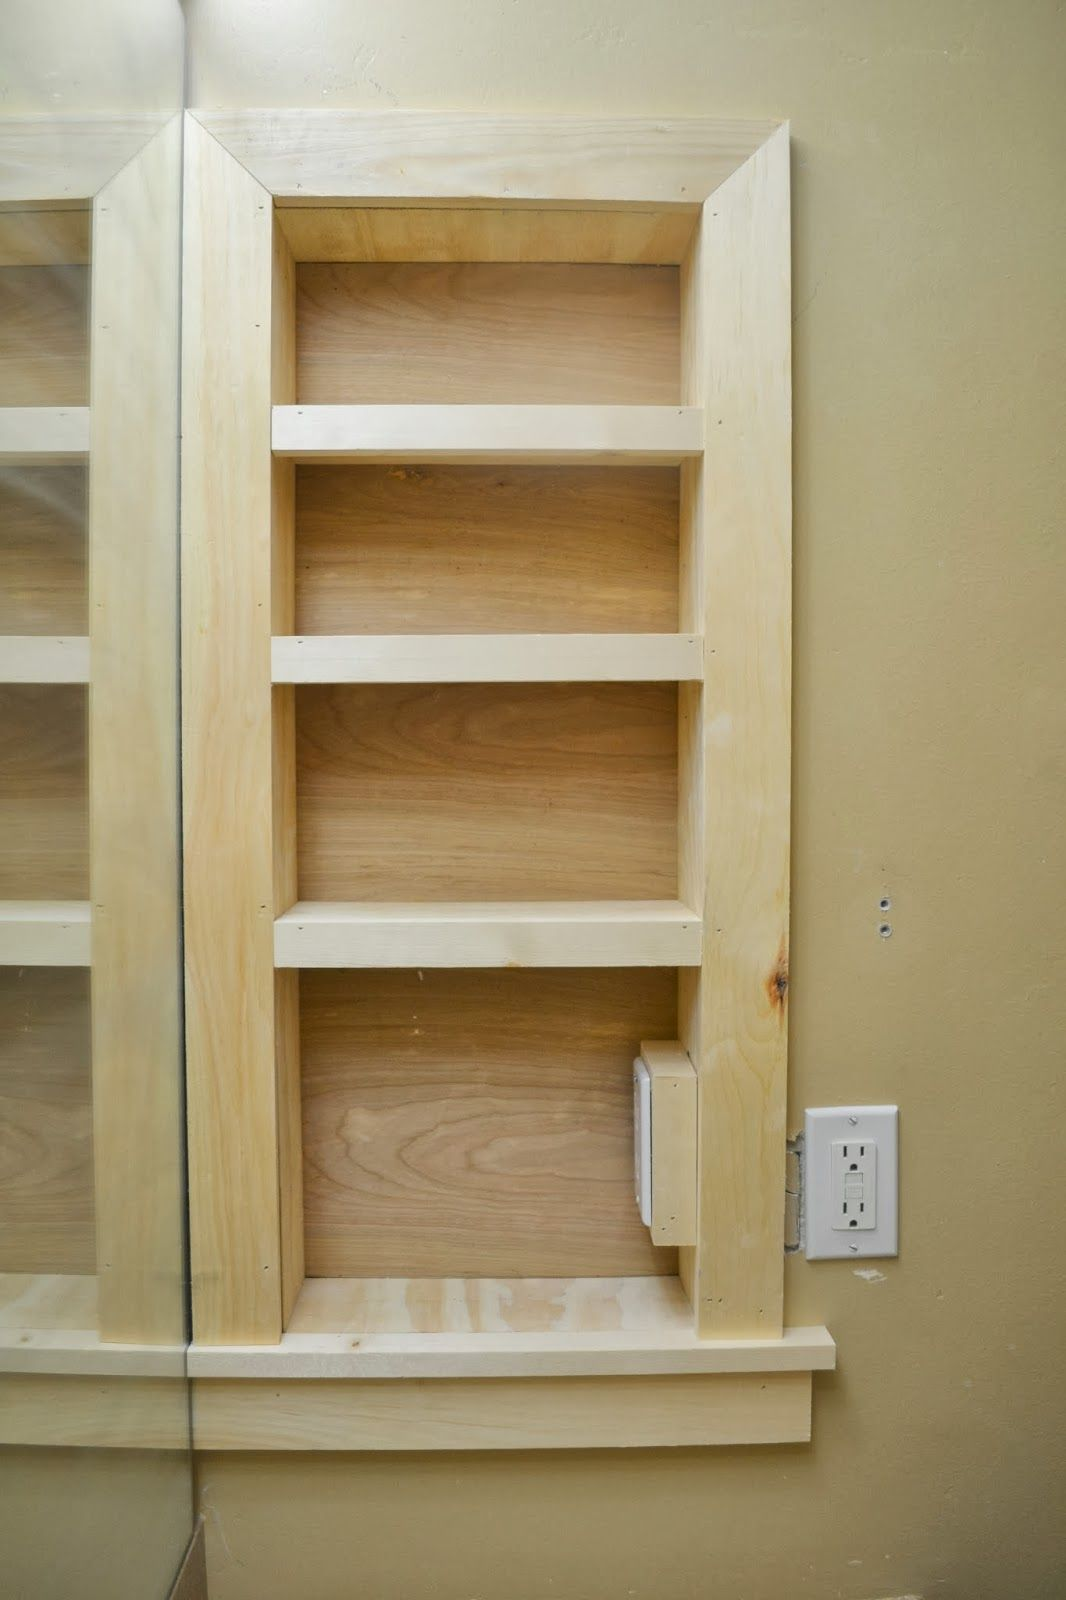 badezimmer outlet auflisten pic der edccdf